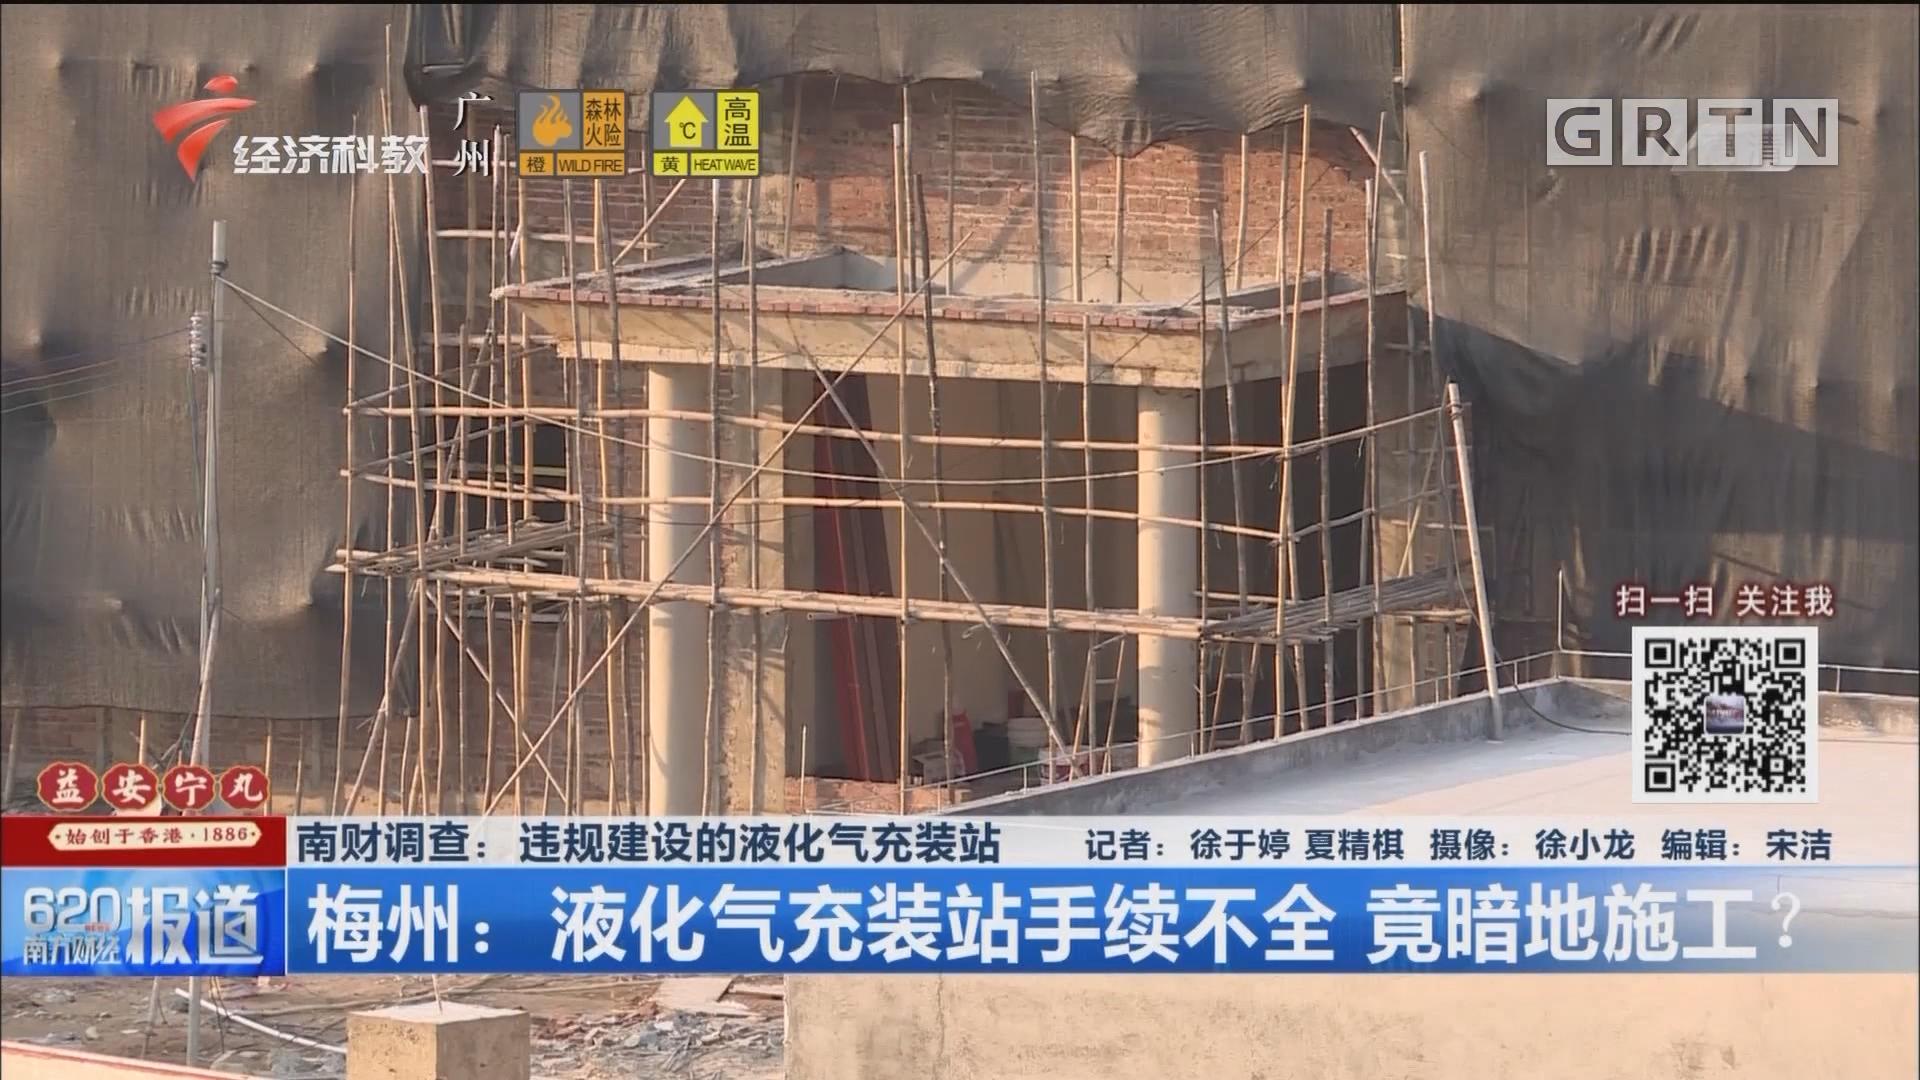 南財調查:違規建設的液化氣充裝站 梅州:液化氣充裝站手續不全 竟暗地施工?